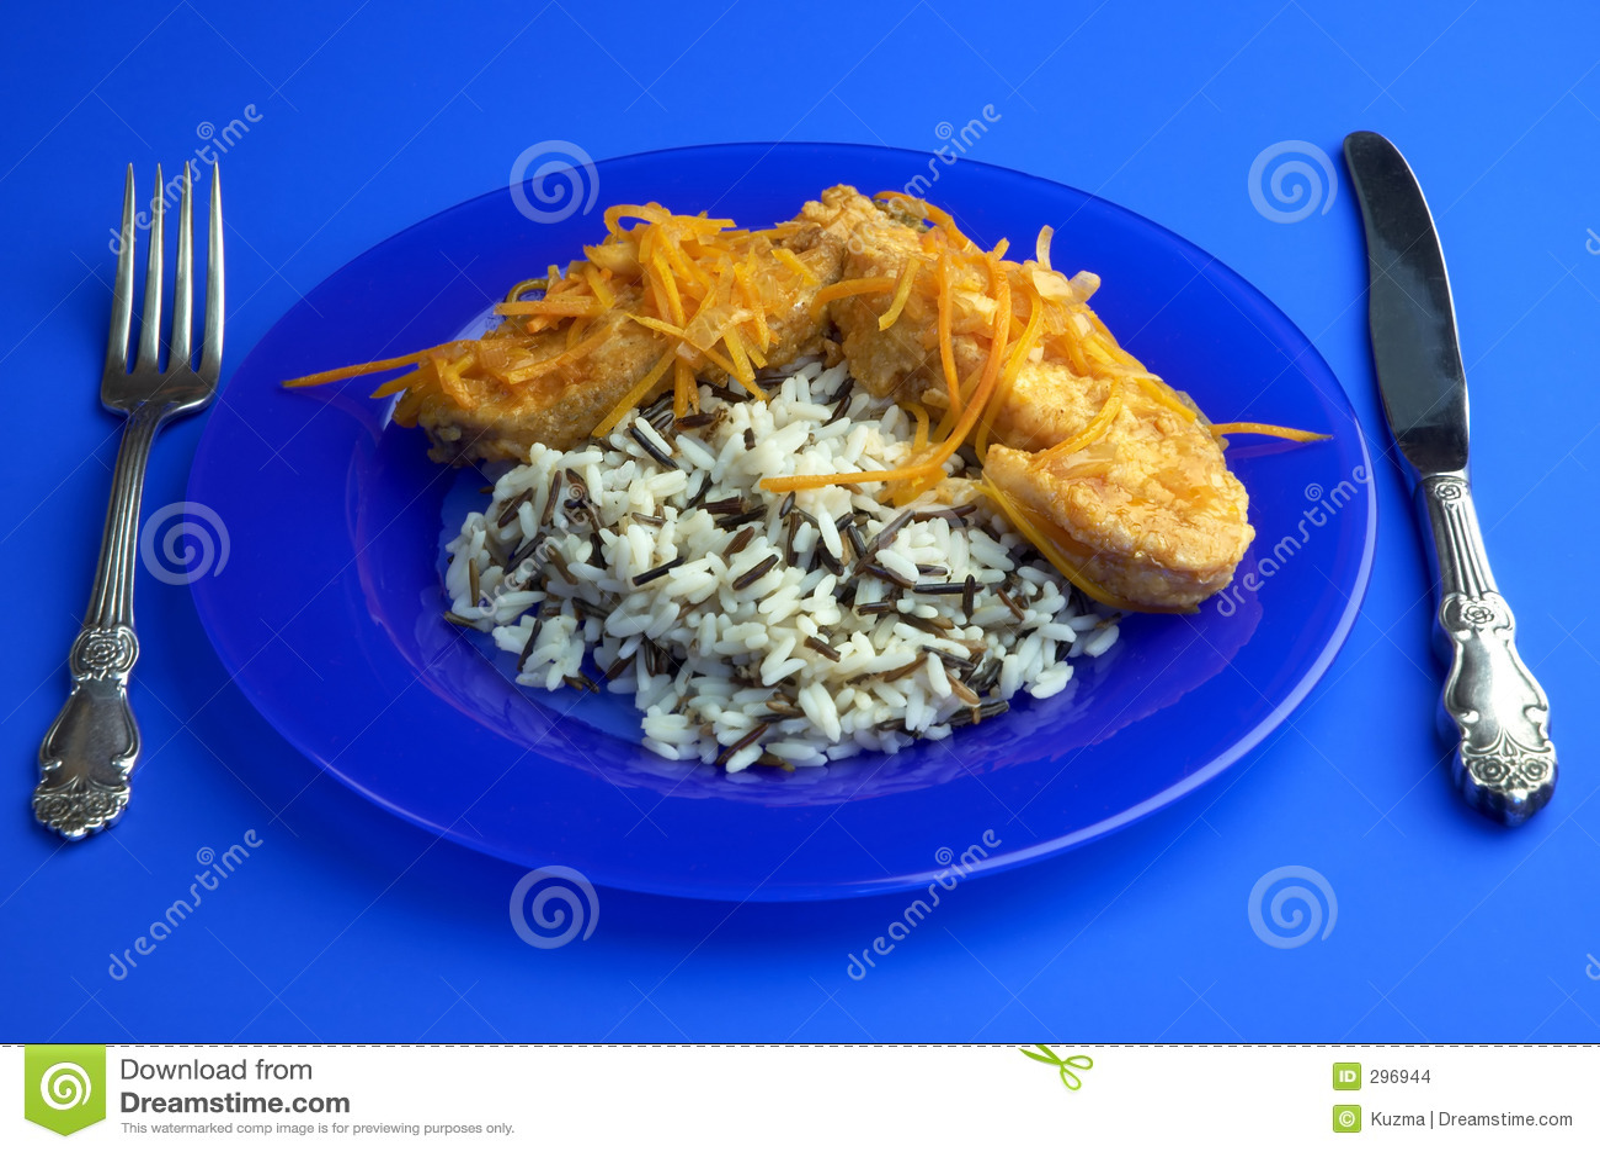 Kraakbeenachtige vissen en rijst